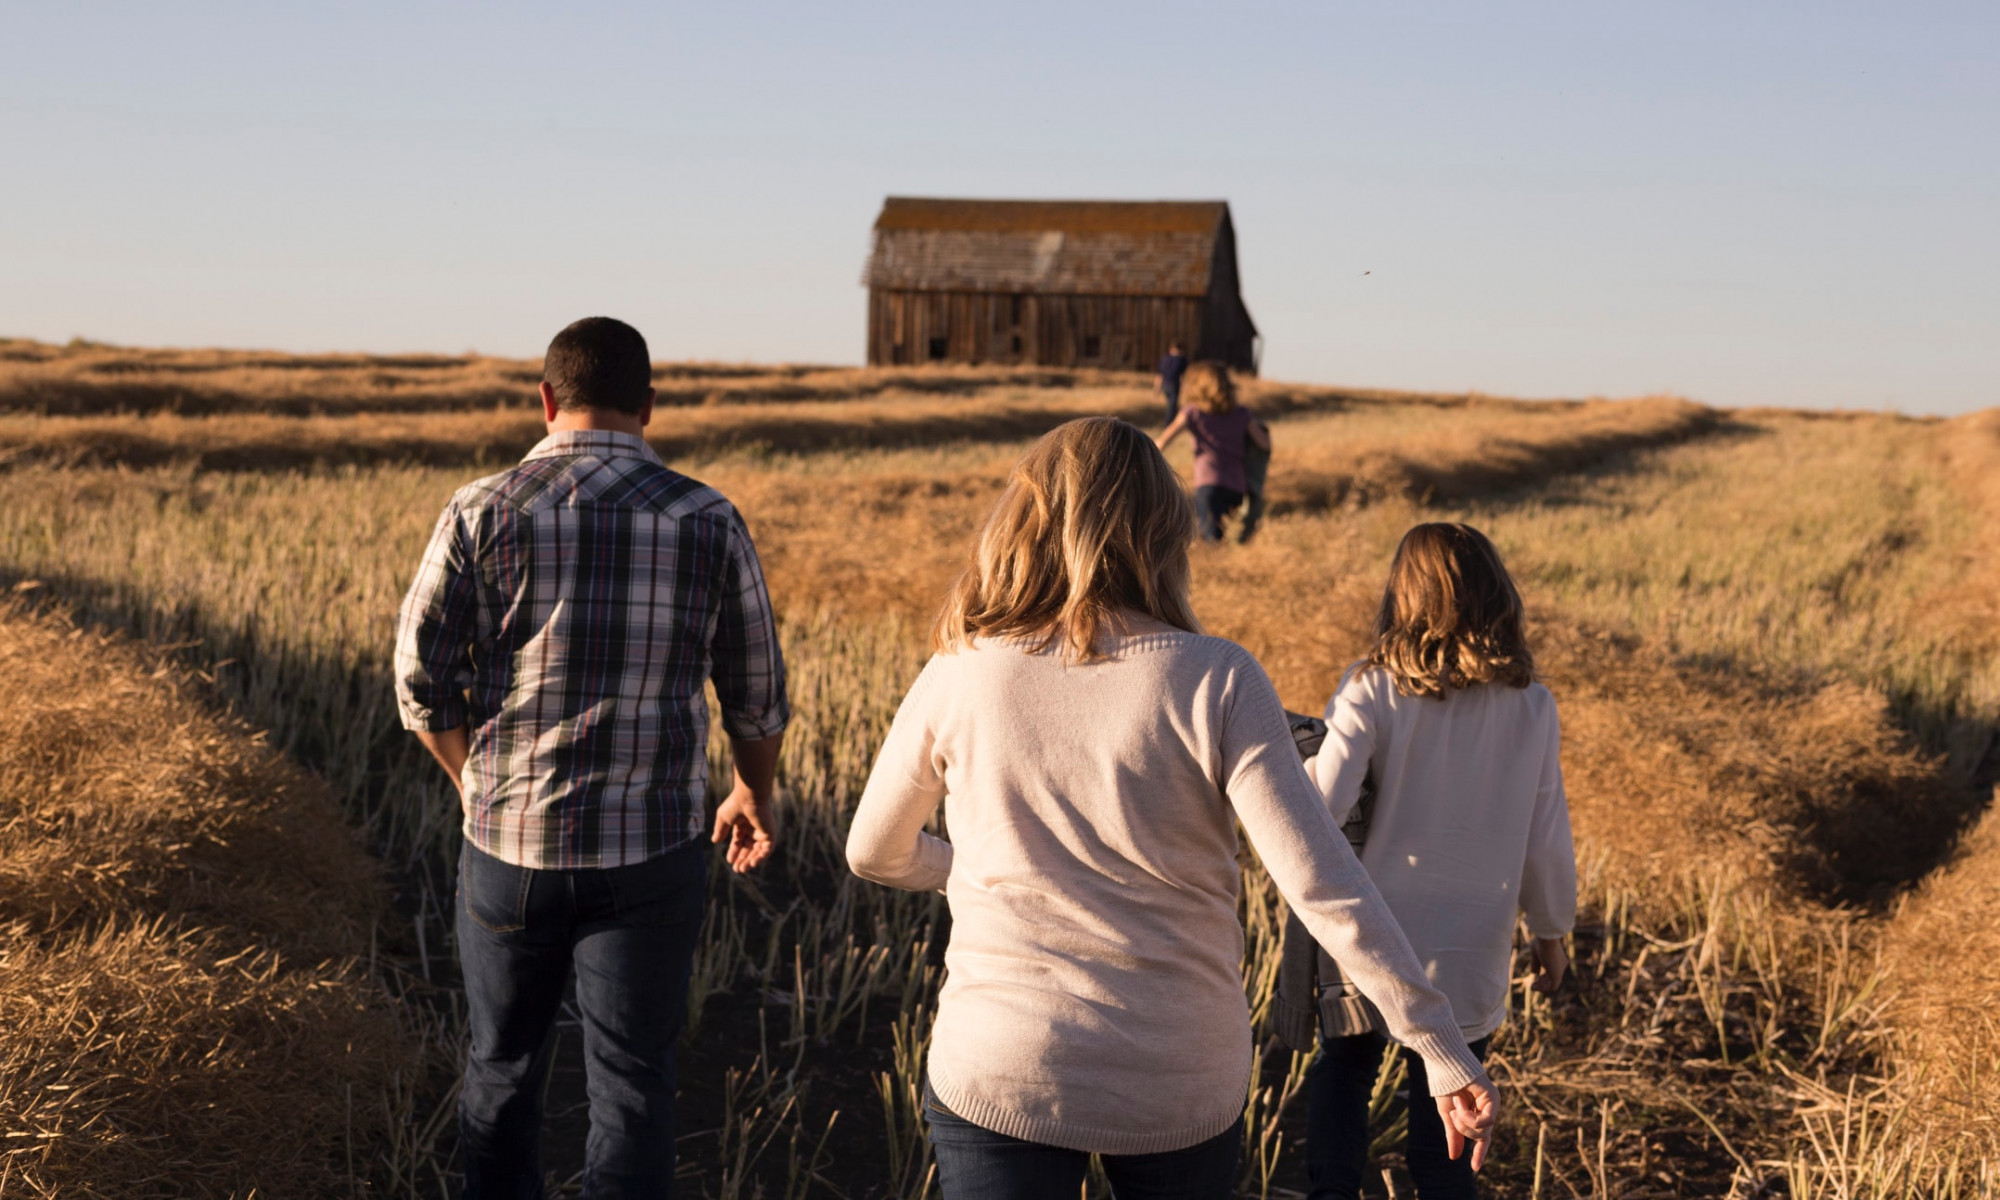 drei Personen auf einem Feld